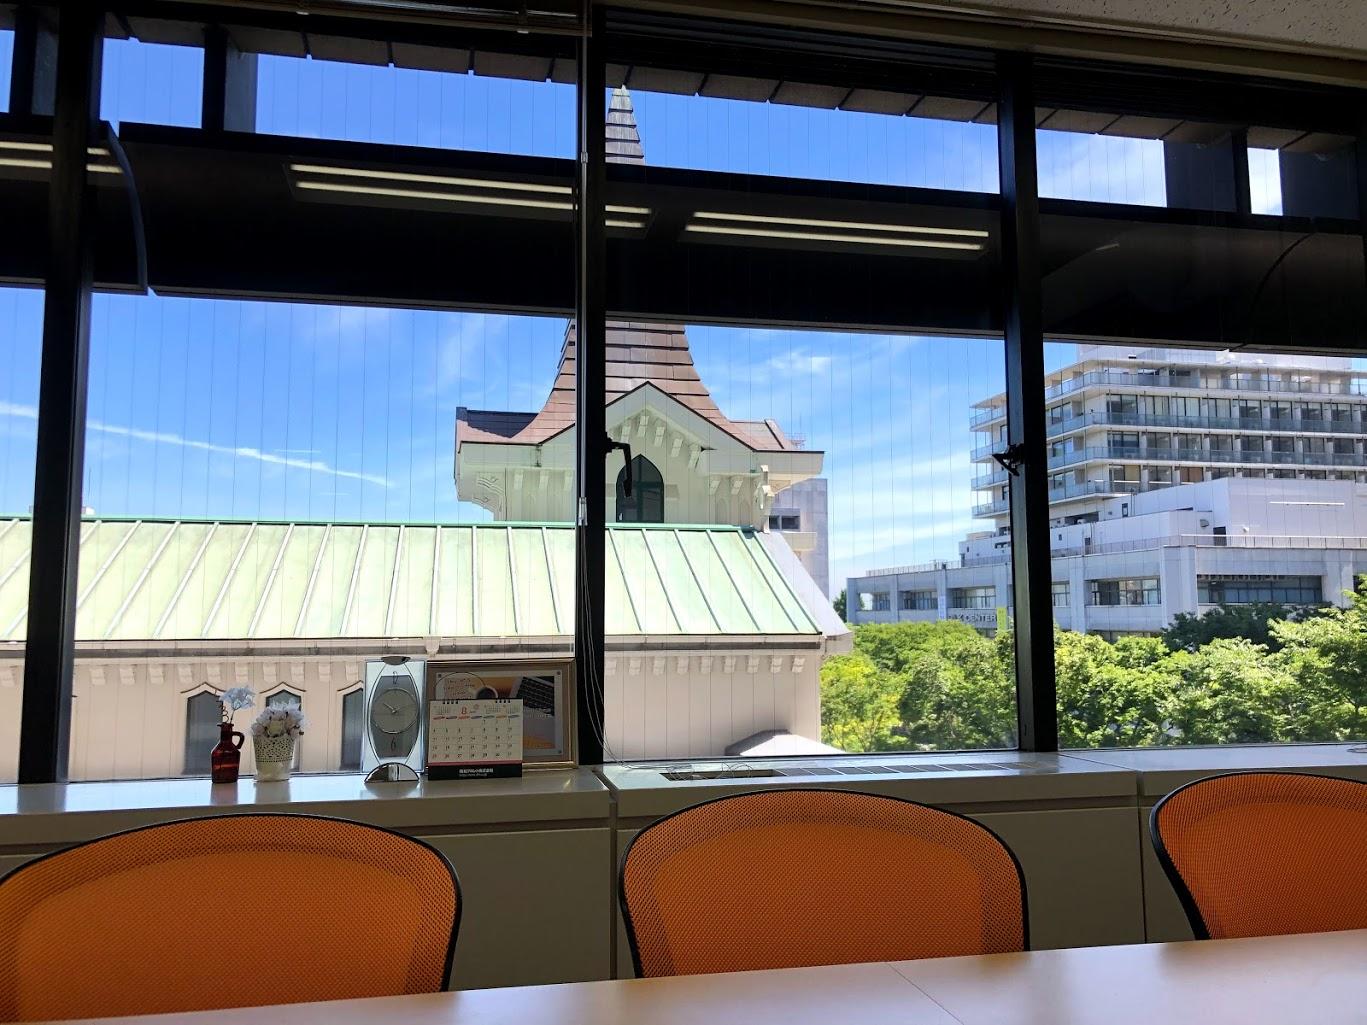 横浜ビジネスポート_日本大通り_日本大通7ビル_会議室・セミナールーム